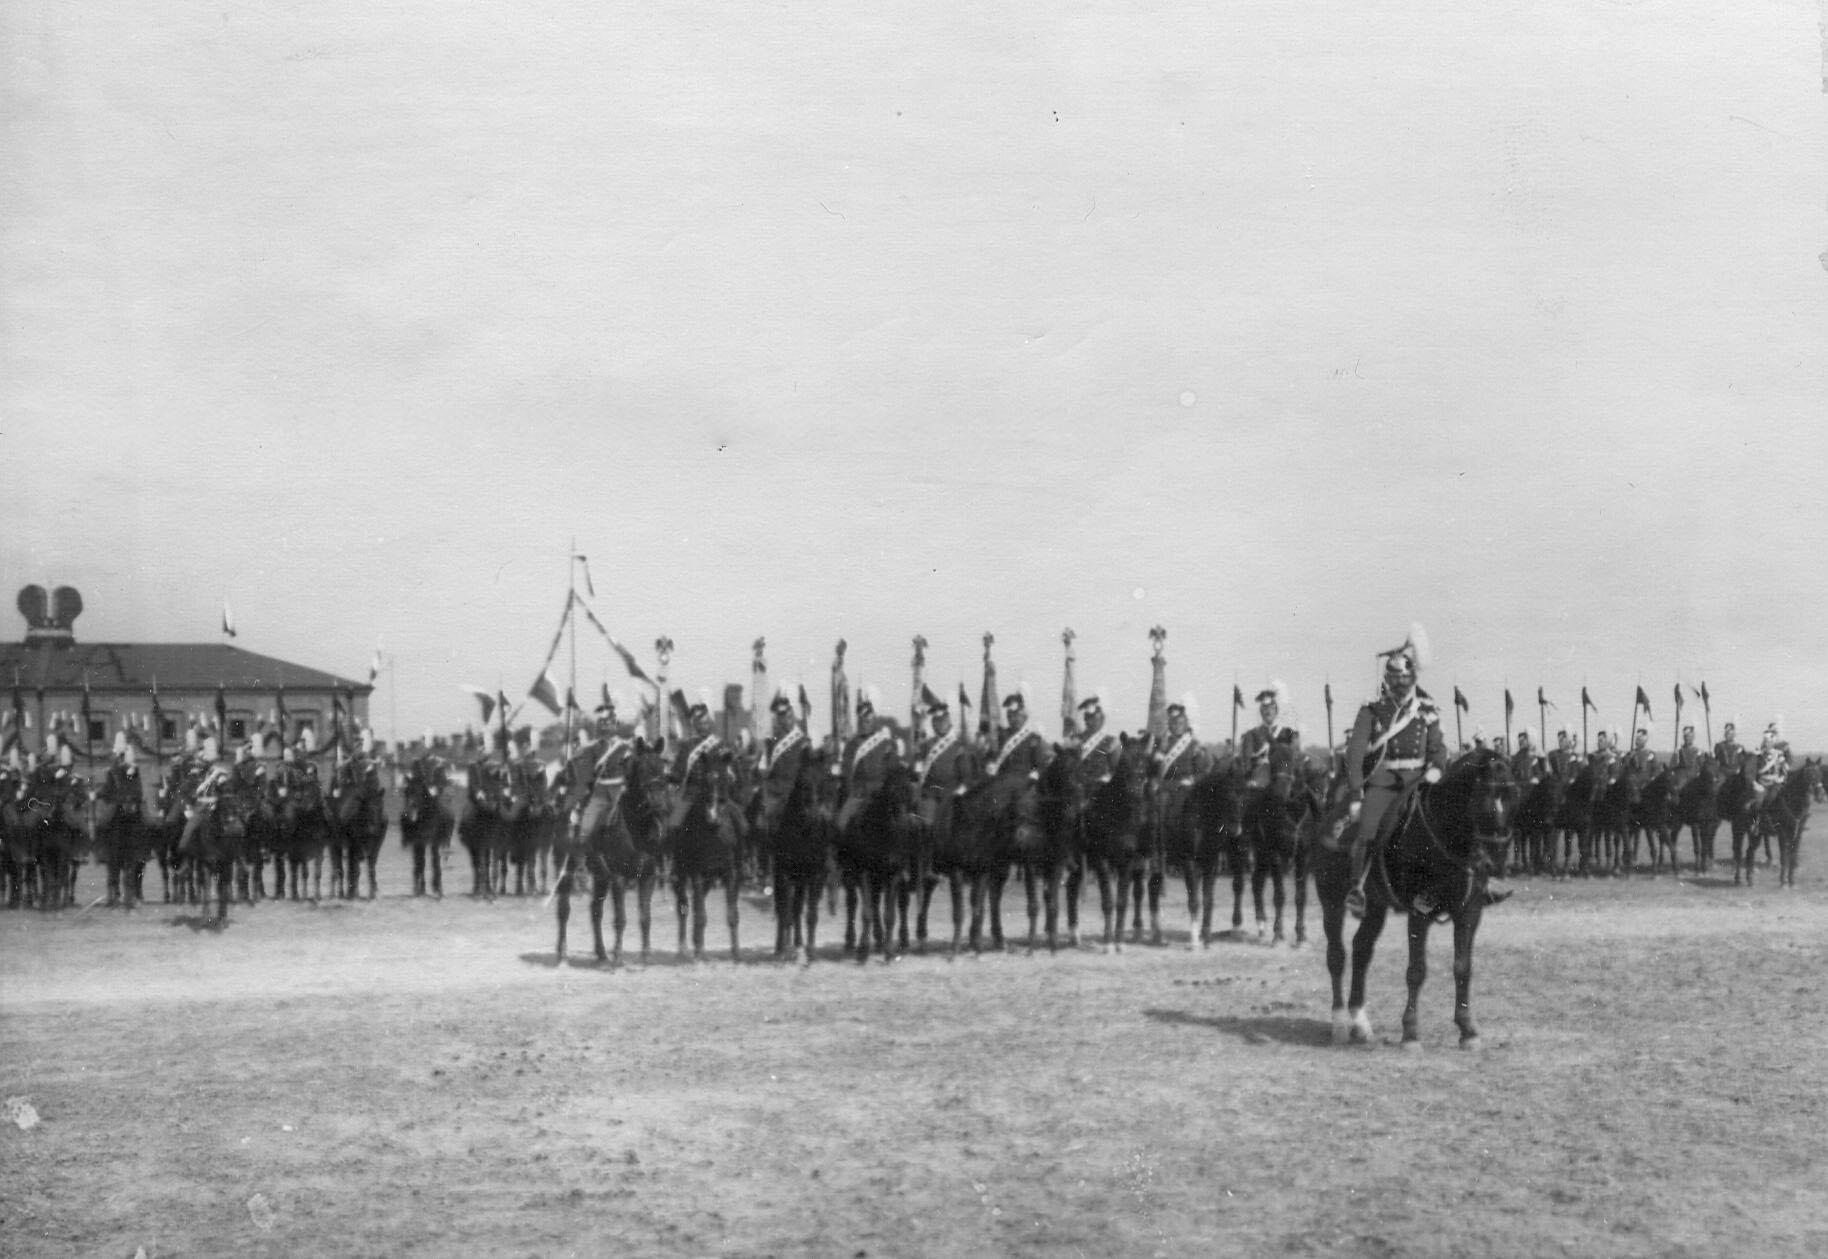 Уланы с полковыми штандартами в строю на параде по случаю празднования 250-летнего юбилея полка